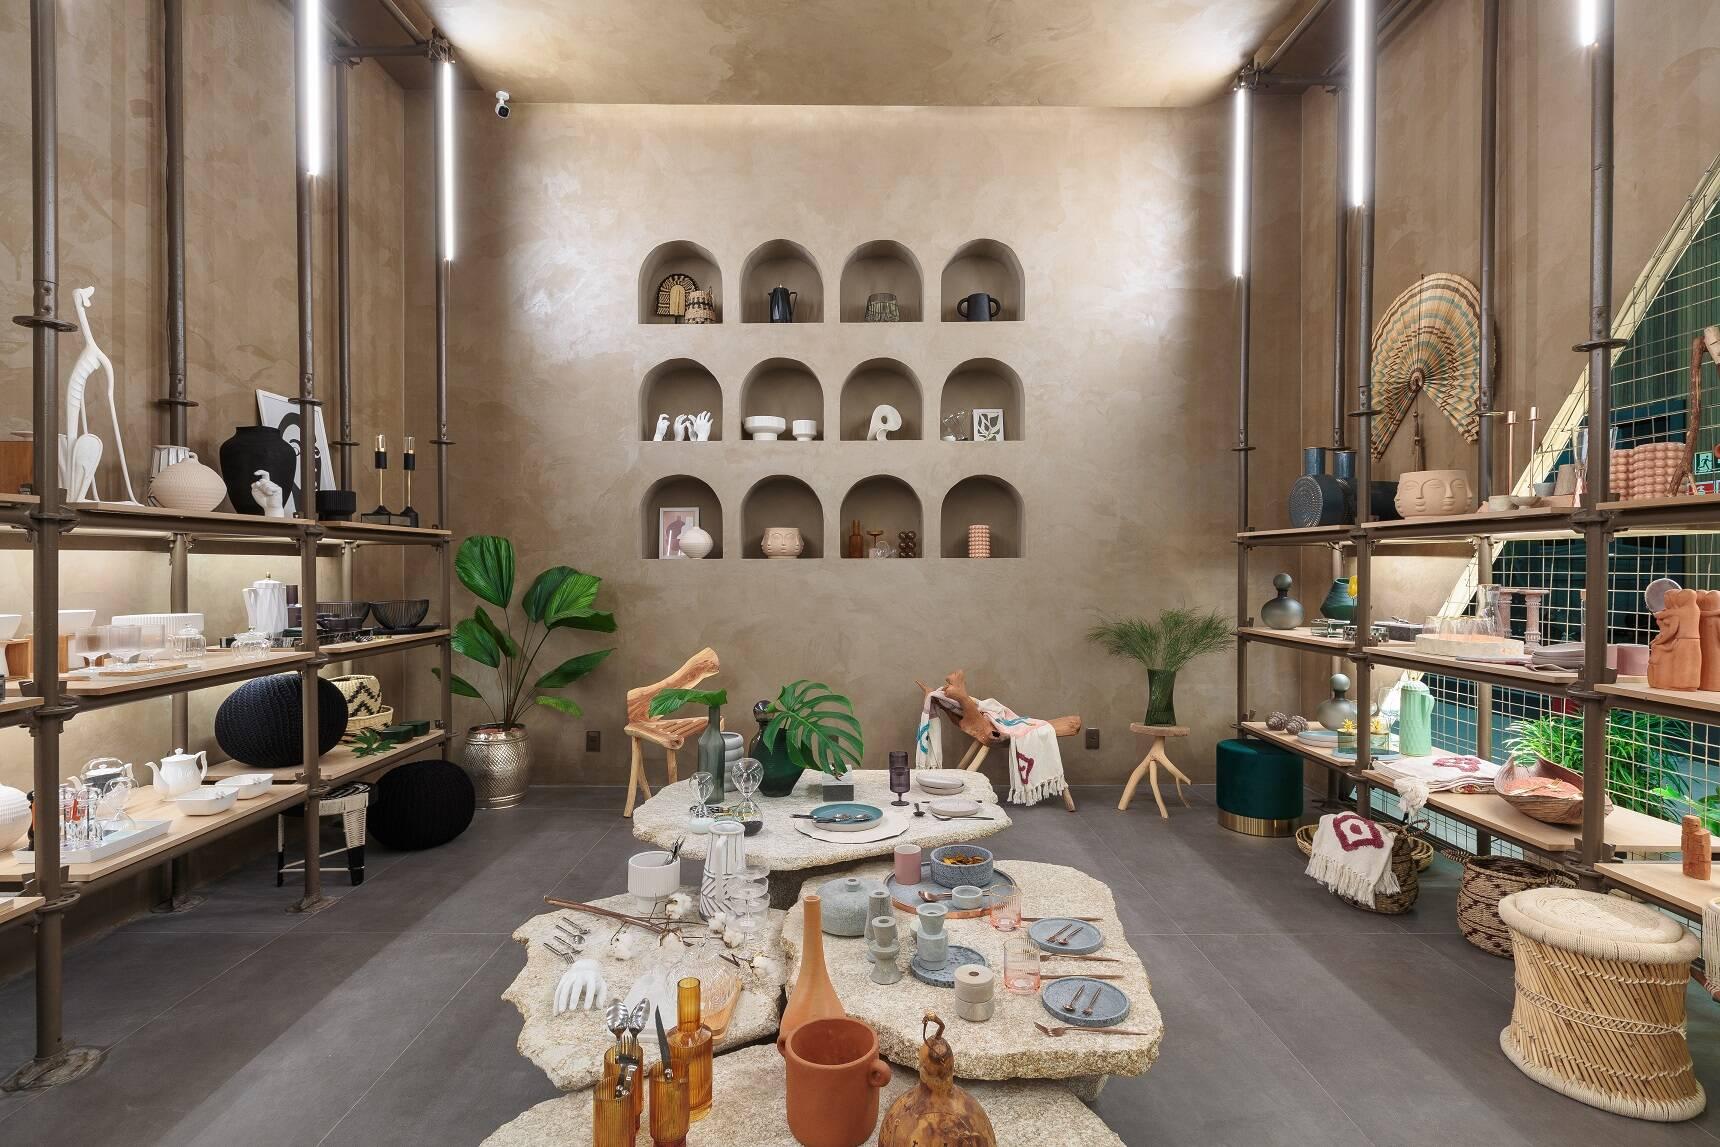 O designer Fabio Galeazzo foi o responsável pelo projeto criativo do espaço Westwing. Foto: Divulgação